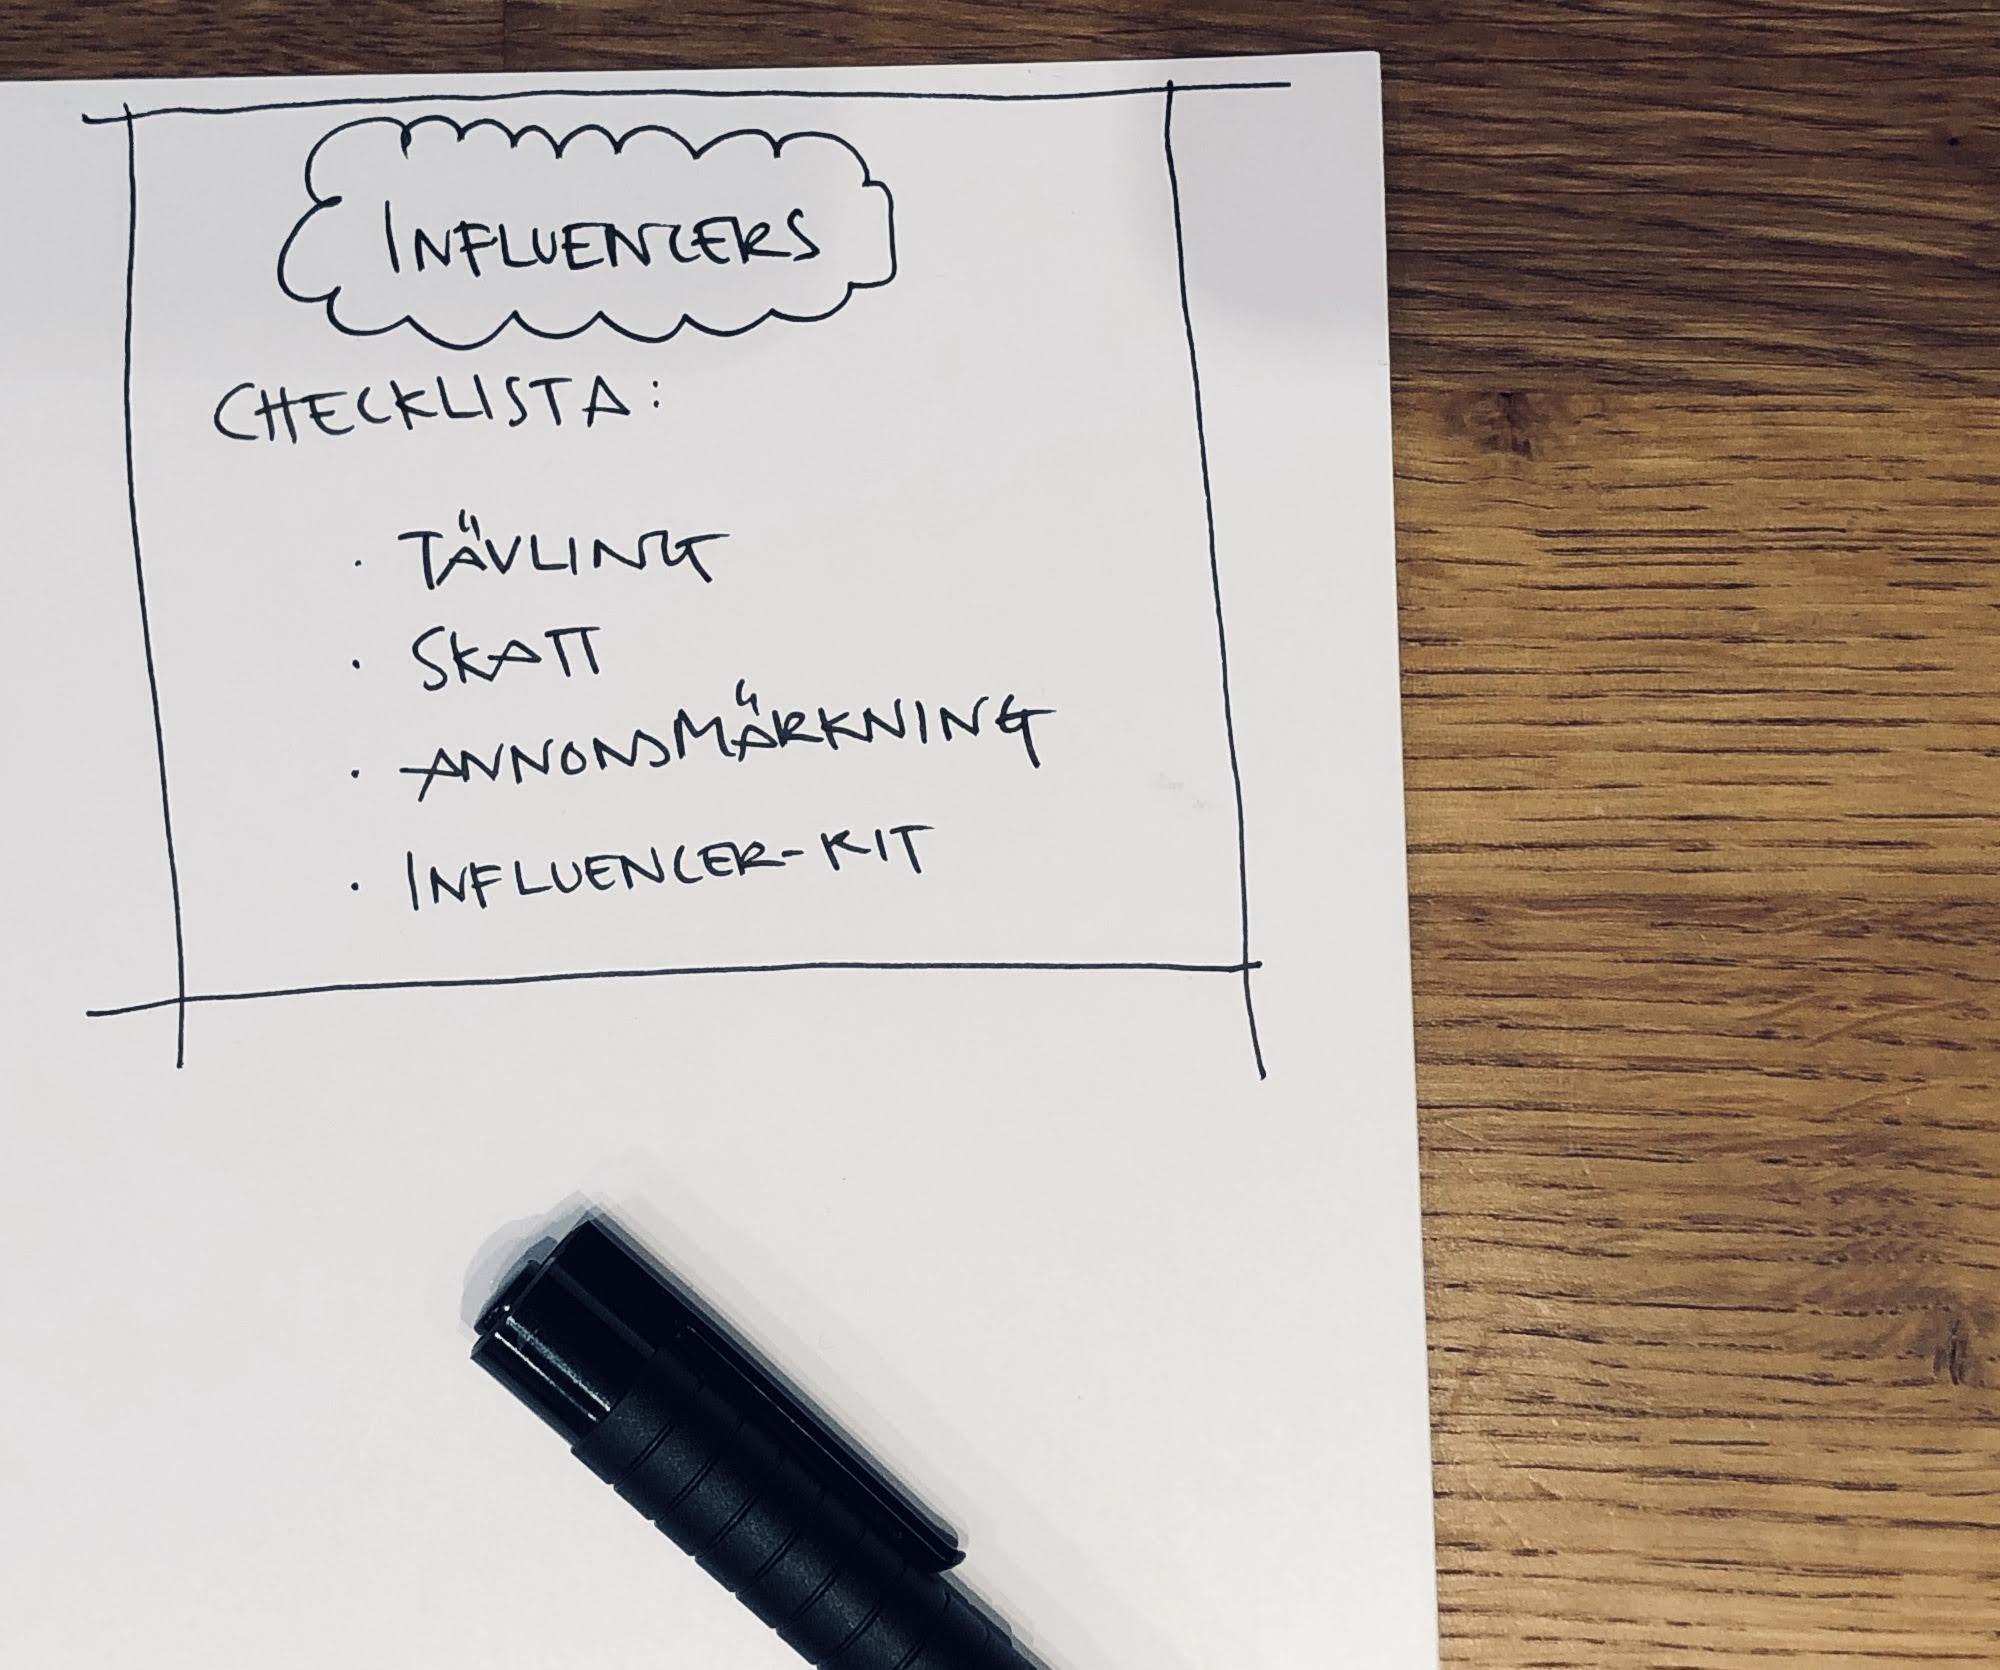 Checklista för att arbeta med Influencers.